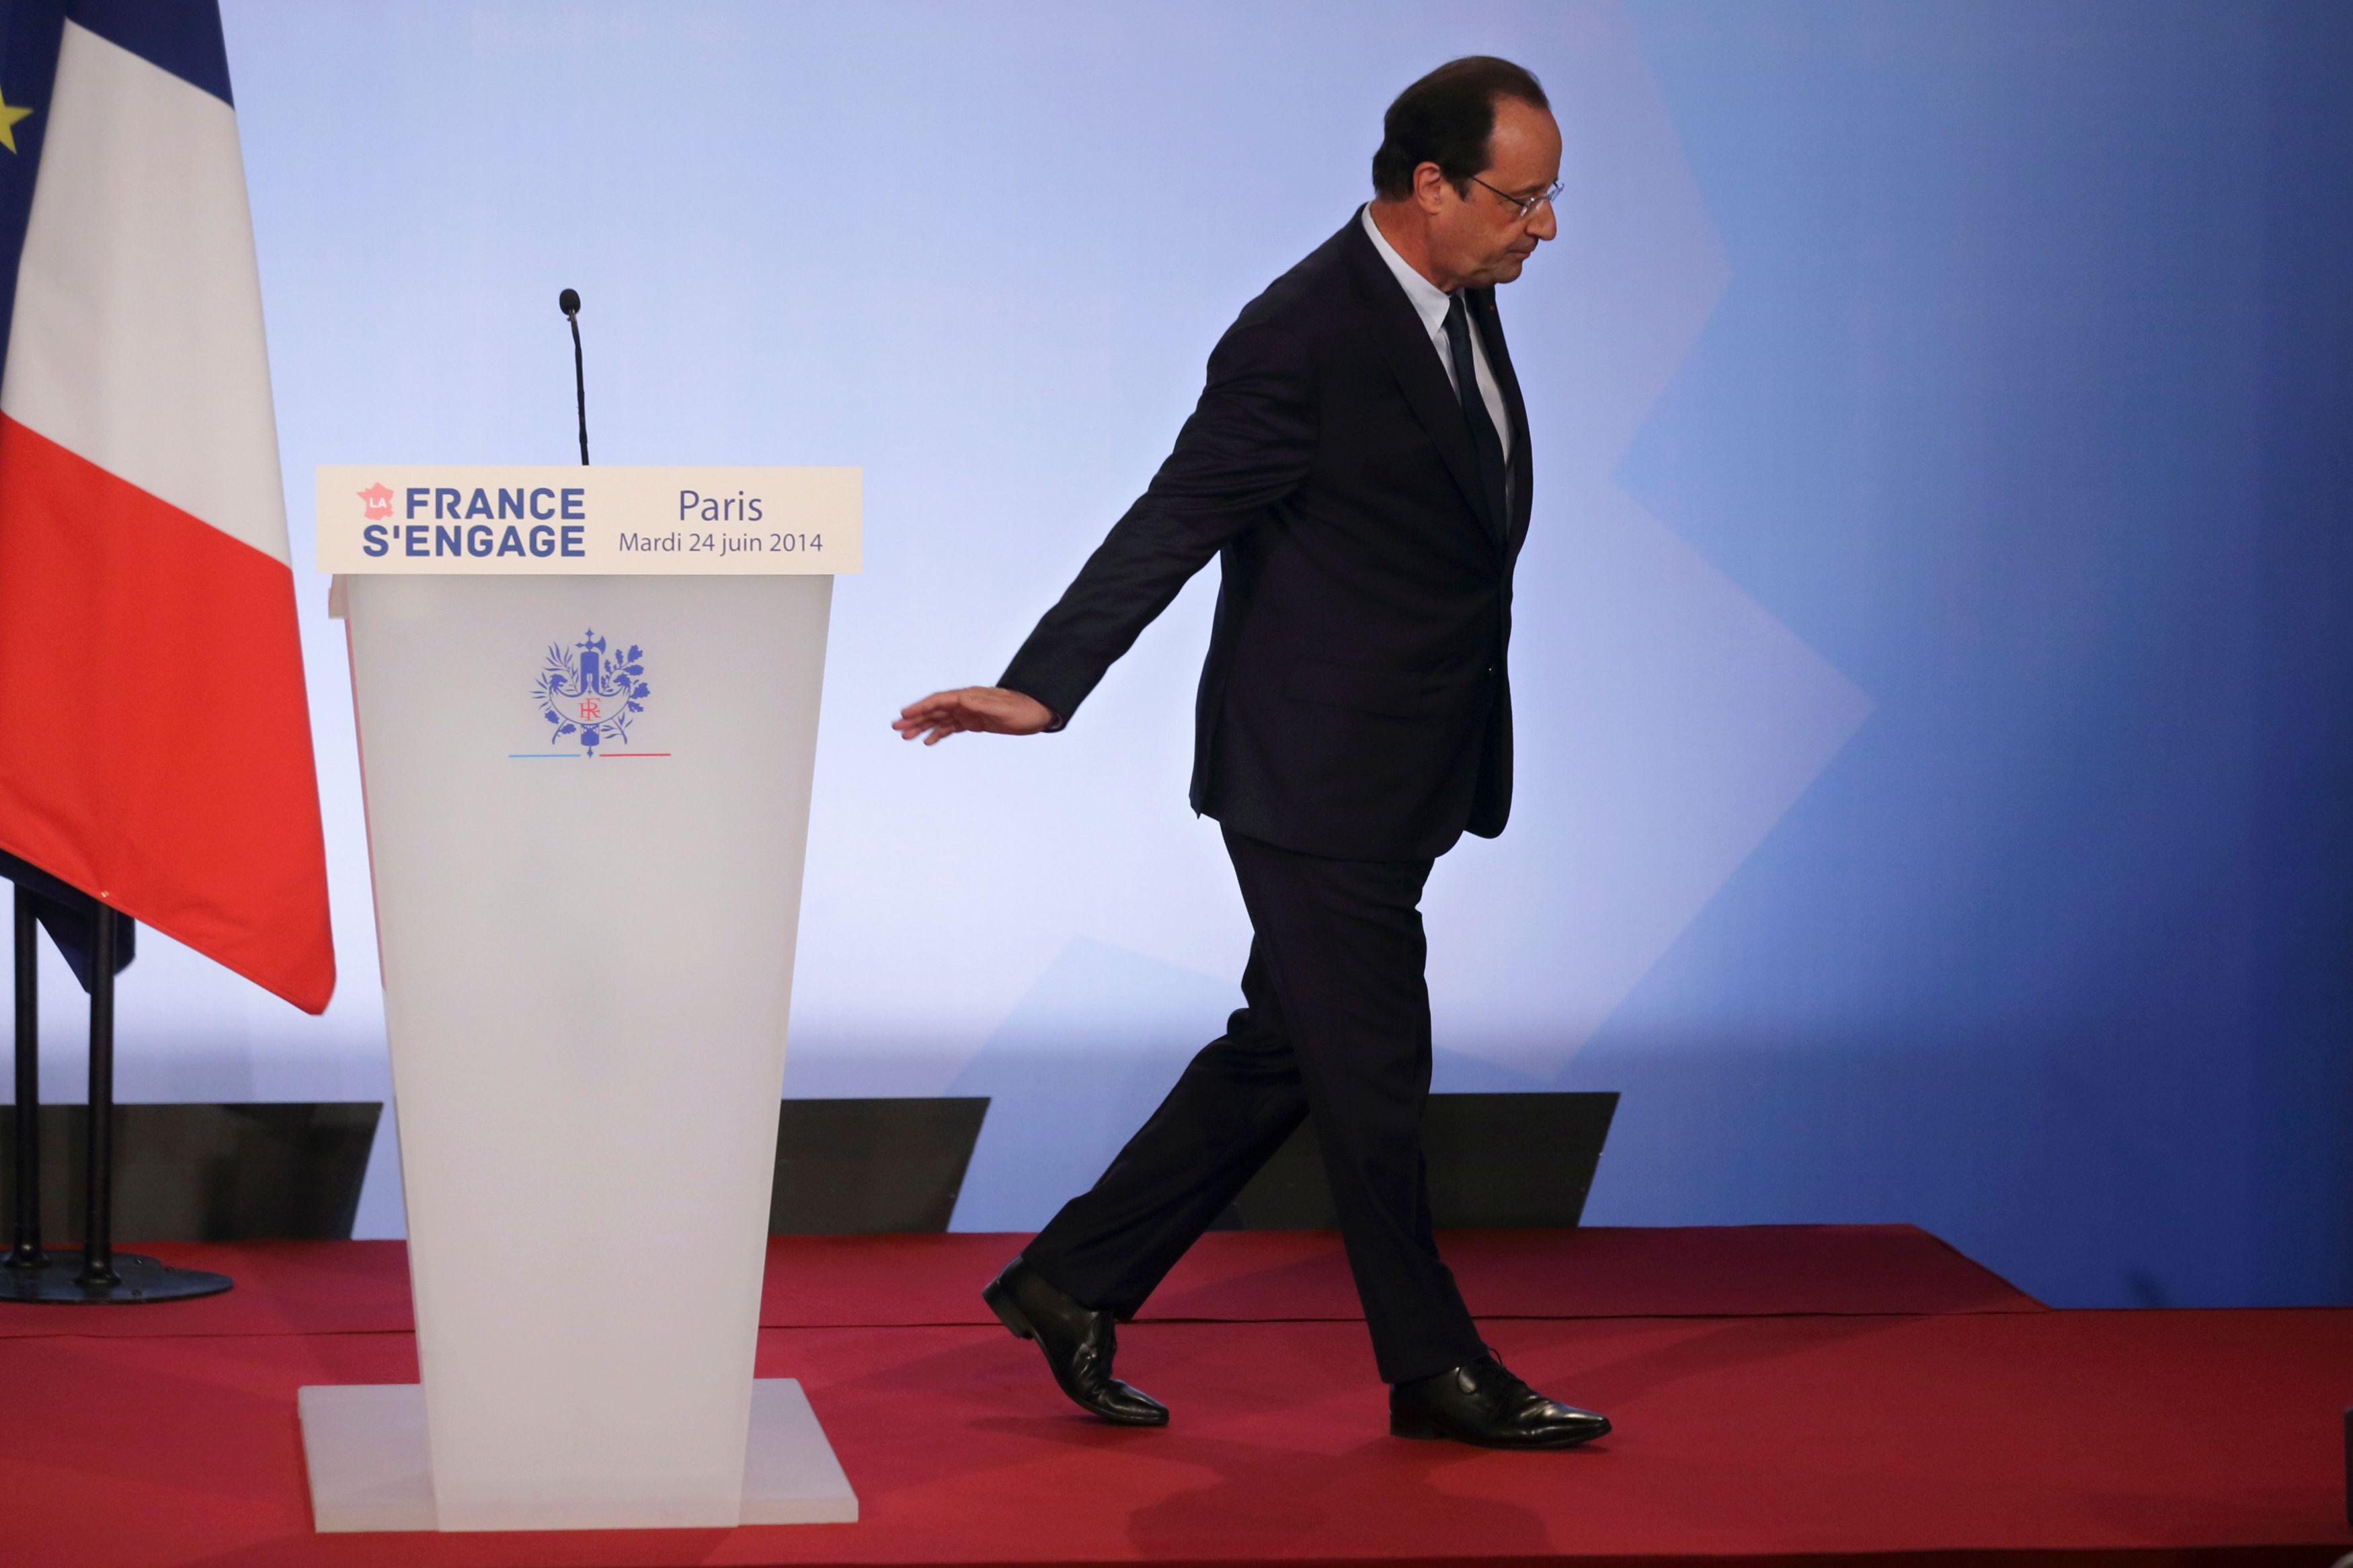 Devant la catastrophe financière, l'État se résout à rapprocher Areva d'EDF, mais Hollande n'a pas osé dire qui paierait